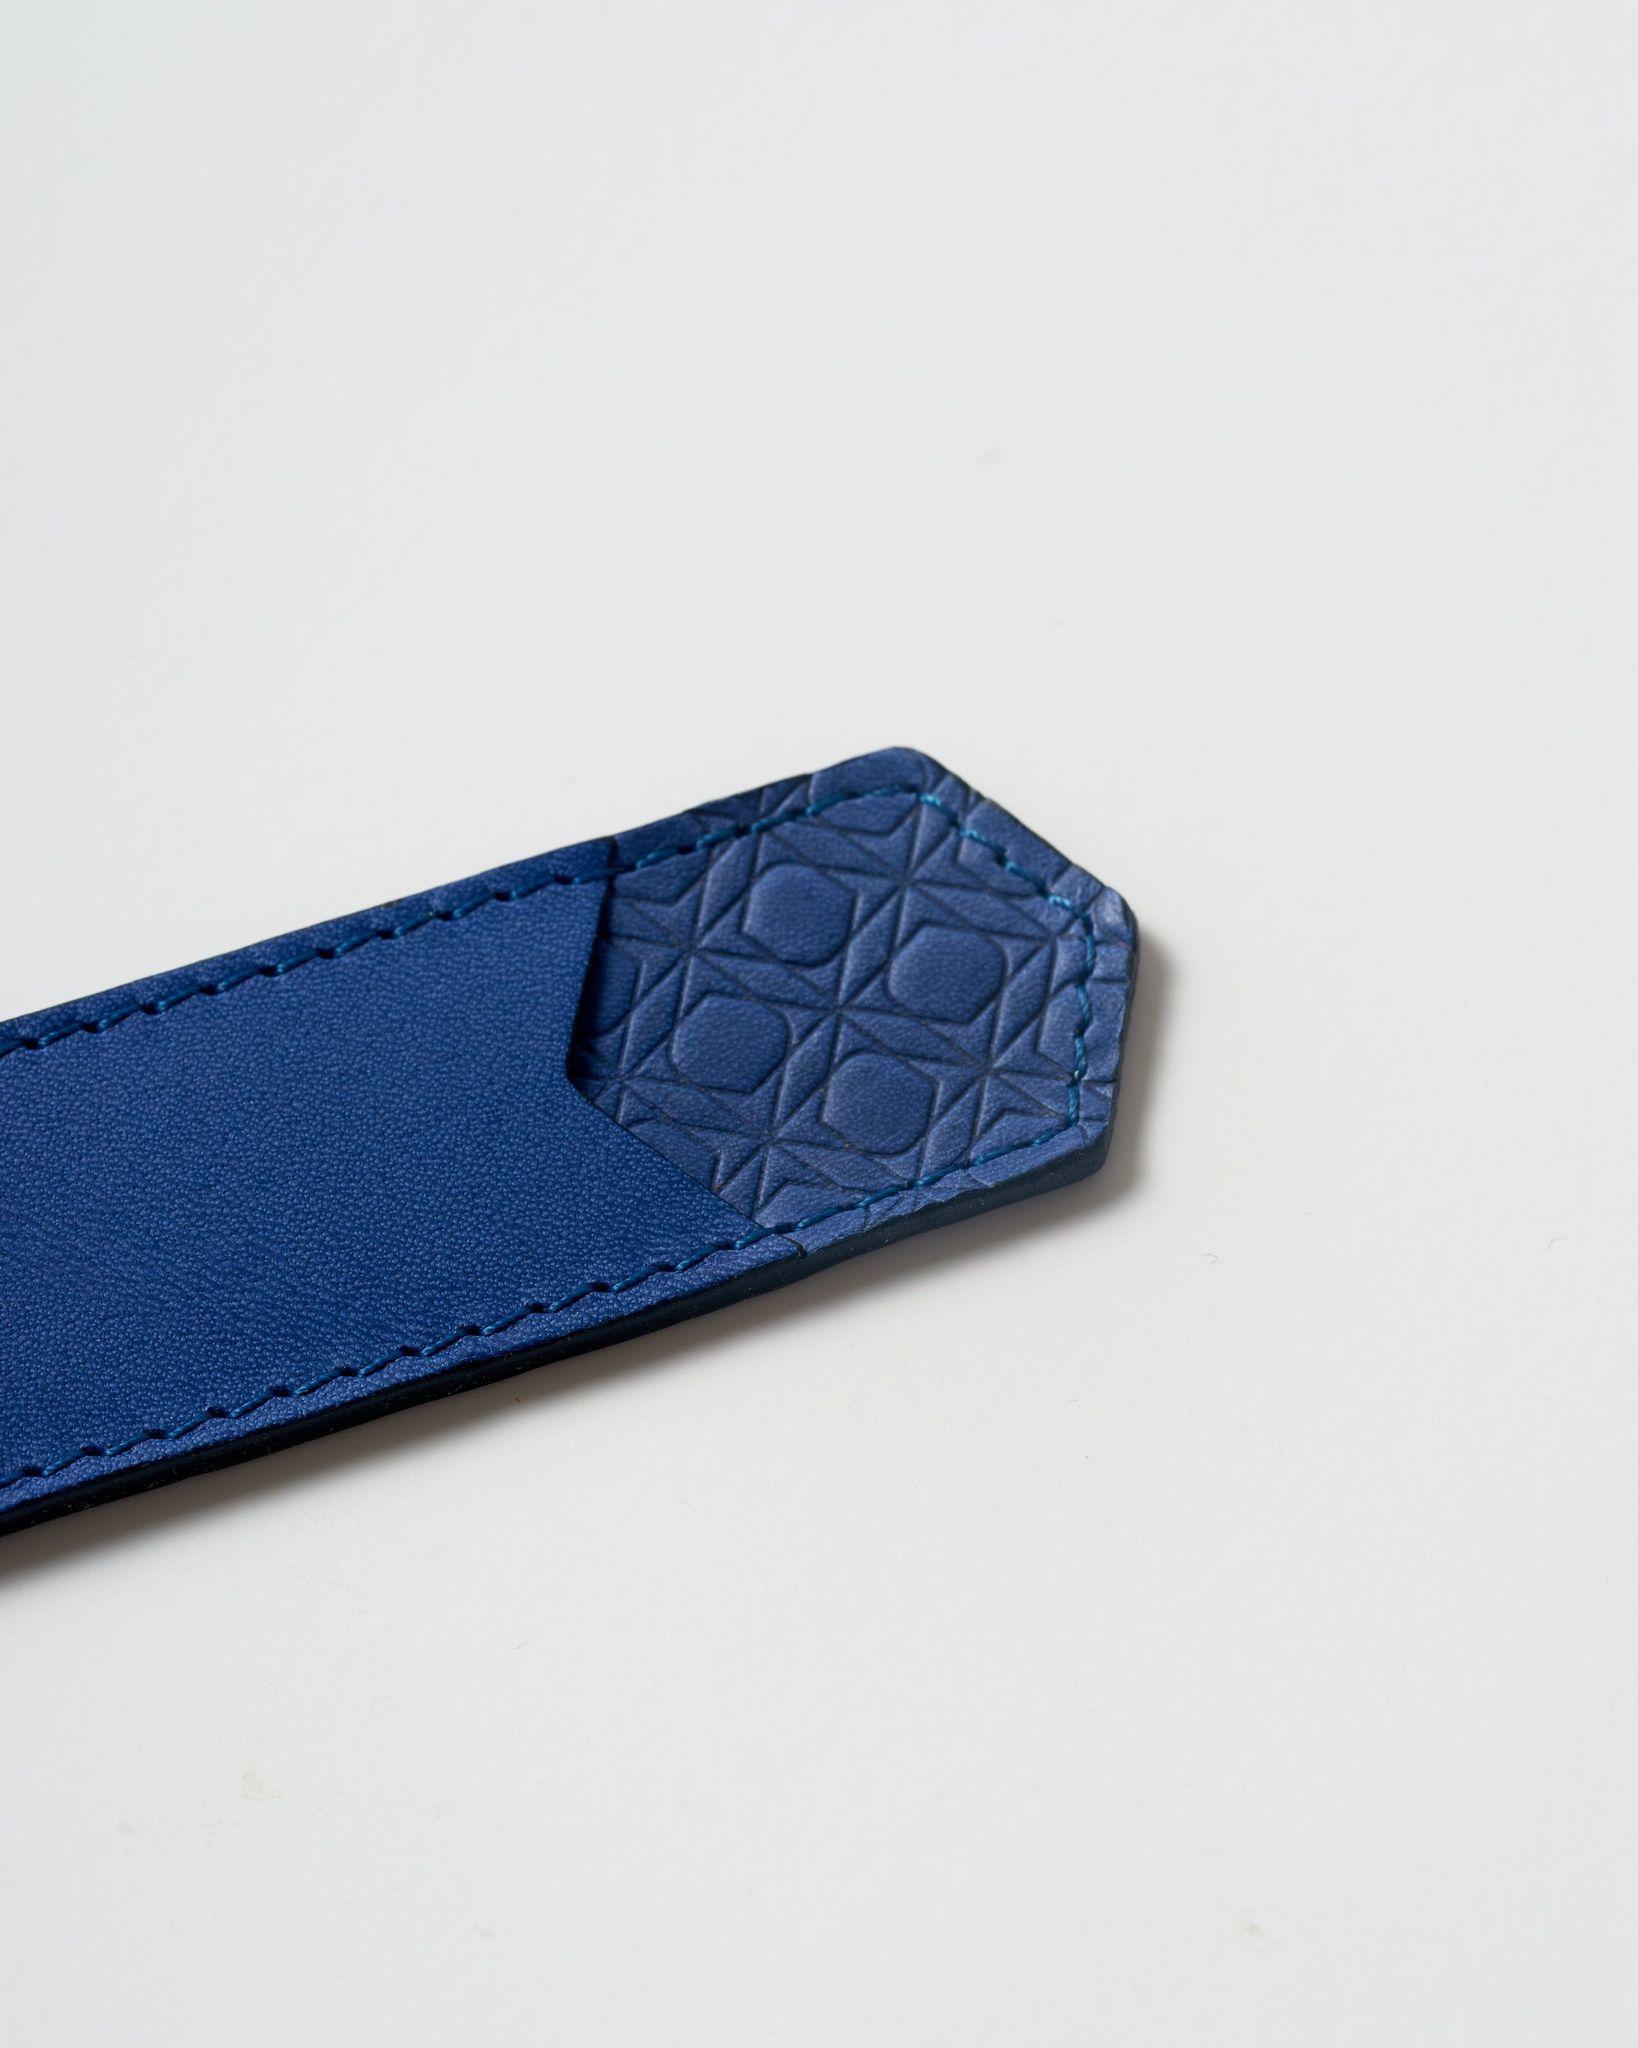 Ajoto Pen Pouch Cobalt - чехол кожаный: синий